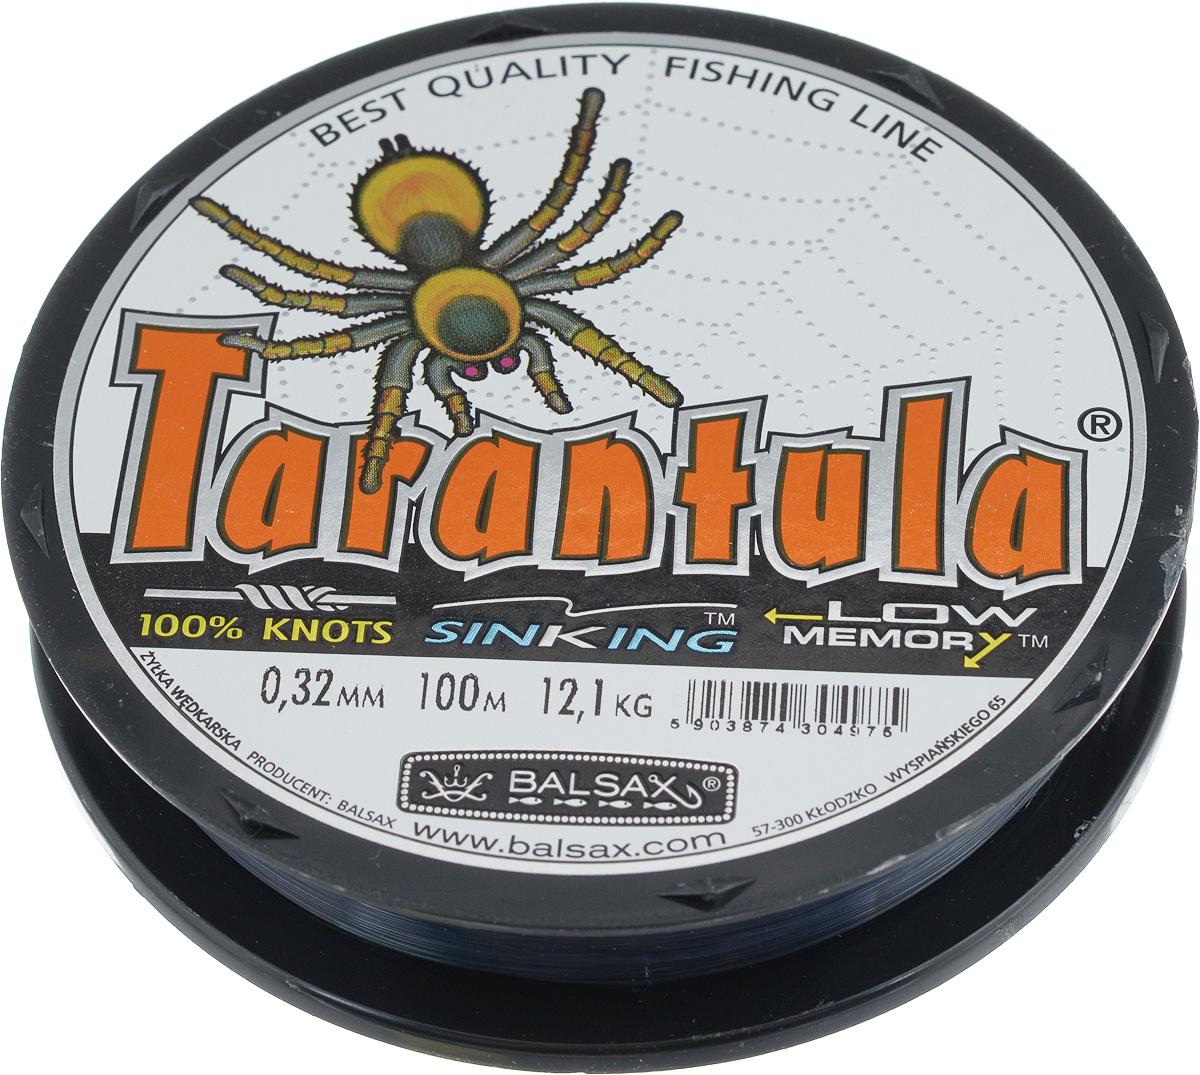 Леска Balsax Tarantula, 100 м, 0,32 мм, 12,1 кгГризлиЛеска Balsax Tarantula выполнена из нейлоновой рибозы с покрытием из тефлона. Новая молекулярная структура лески отличается повышенной сопротивляемостью к разрыву, но при этом она способна и растягиваться. Растяжимость в случае применения этой лески является отличным достоинством, особенно во время энергичной борьбы с рыбой, как амортизатор защищая оснастку от обрыва.